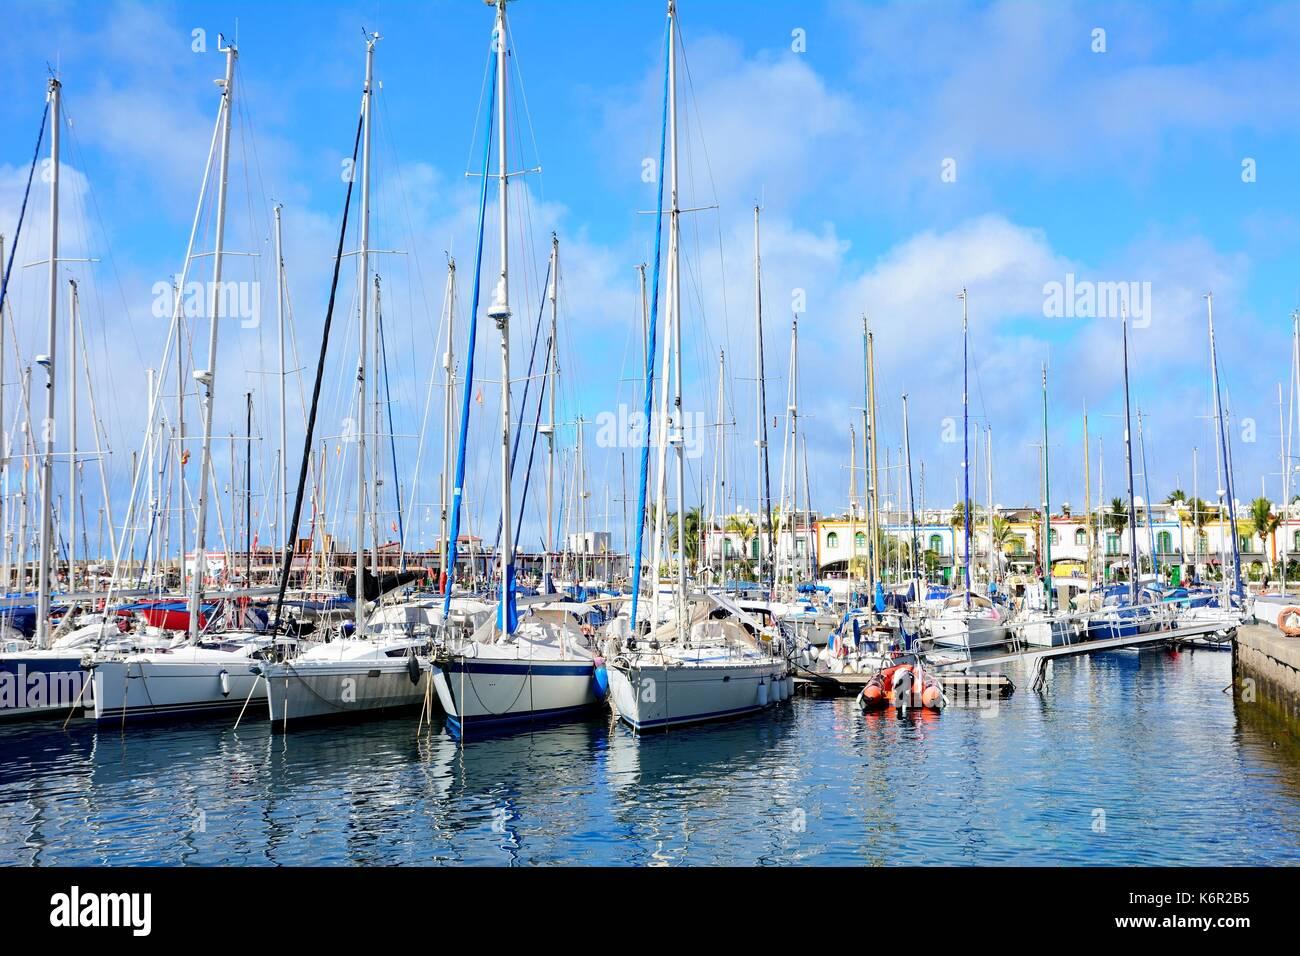 Boote im Hafen von Puero de Mogan auf Gran Canaria. Stockbild